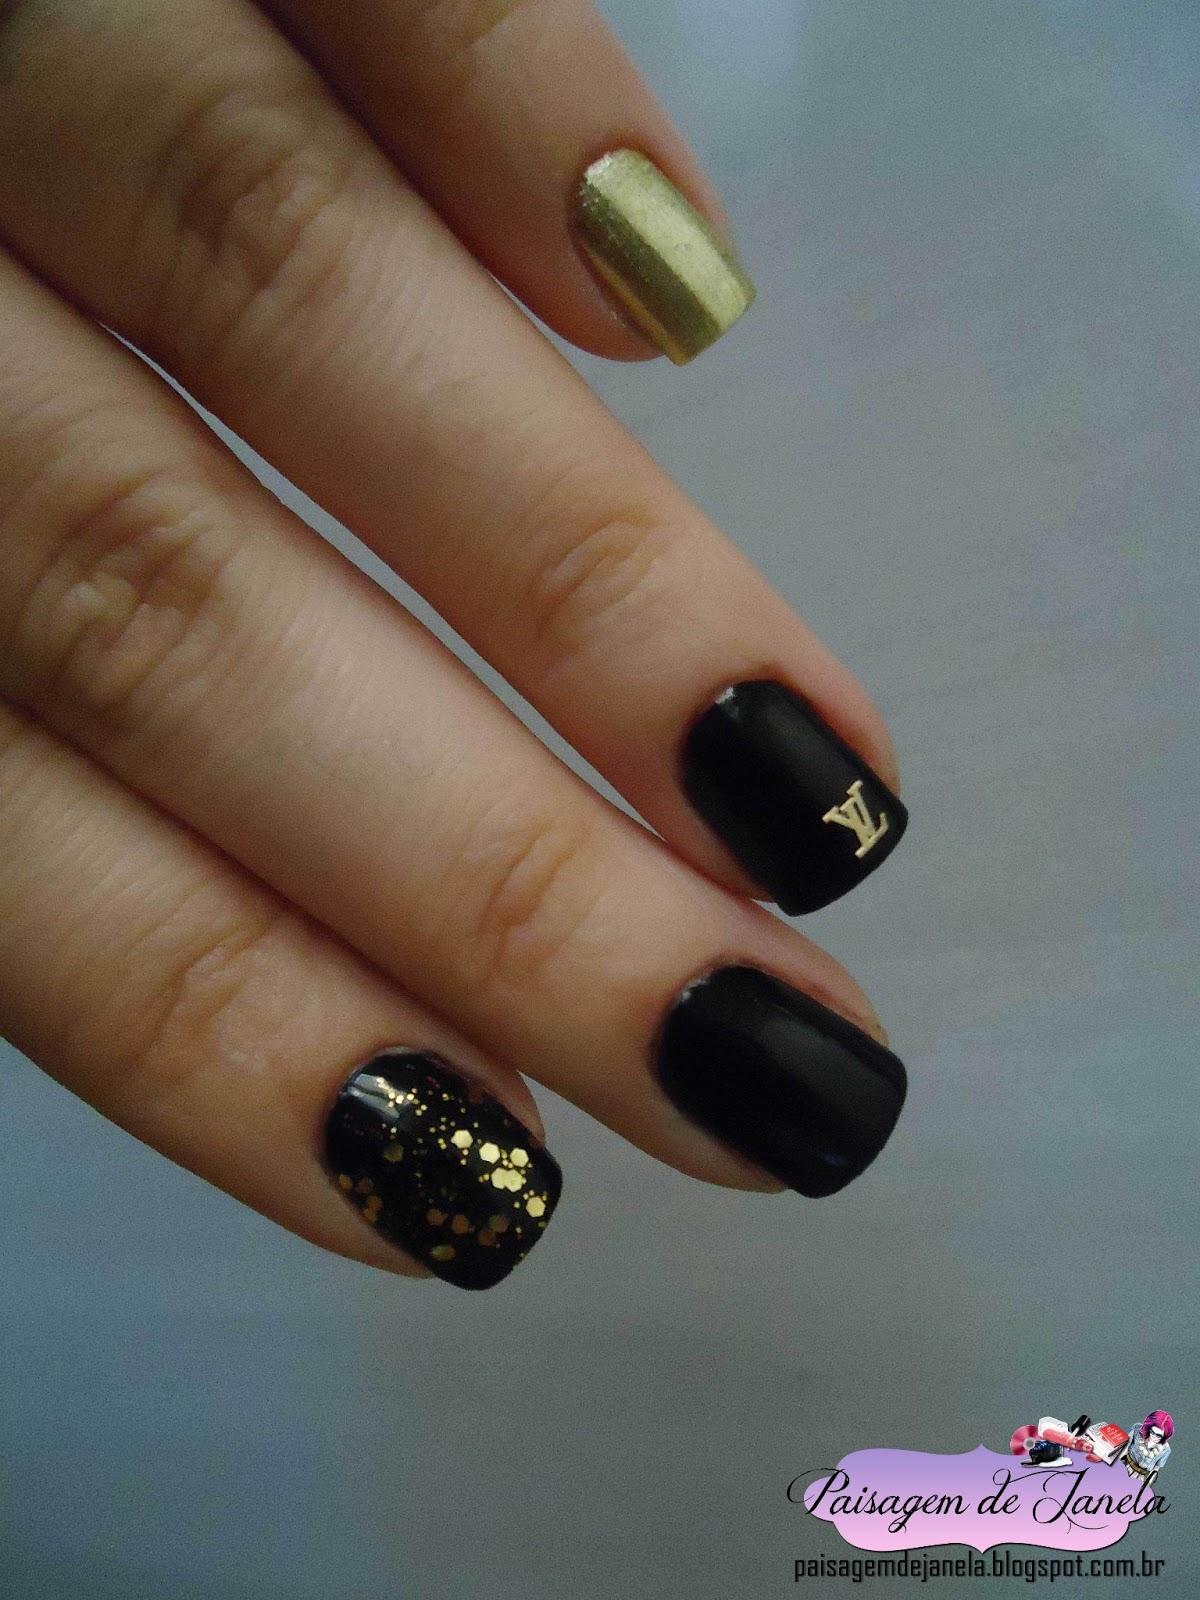 #963591  : Mani Preto & Dourado   Tudo Adesivo Blog Paisagem de Janela 3506 Adesivo Janela Paisagem